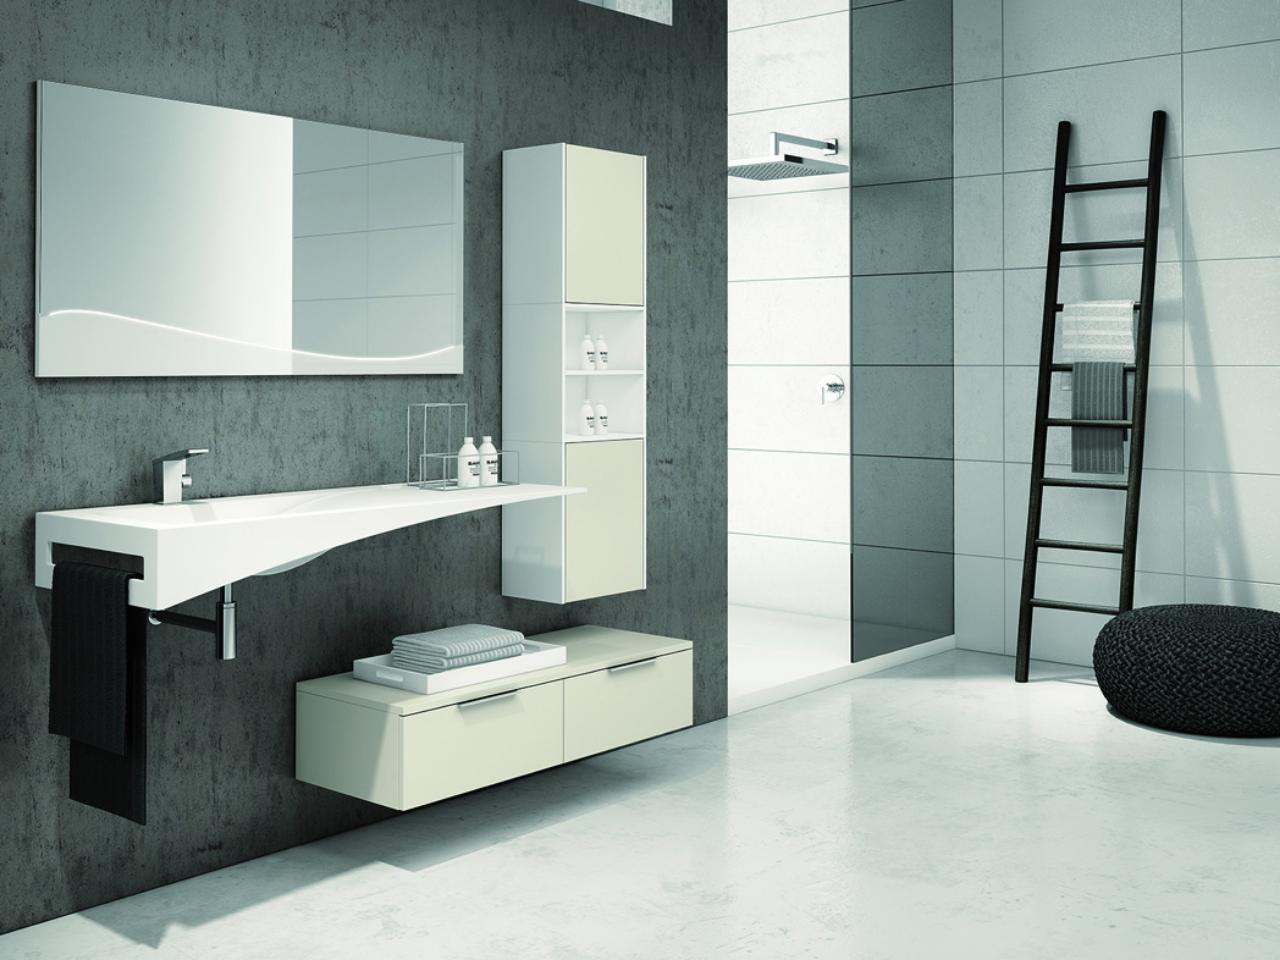 Bagnoidea prodotti e tendenze per arredare il bagno - Idea accessori bagno ...